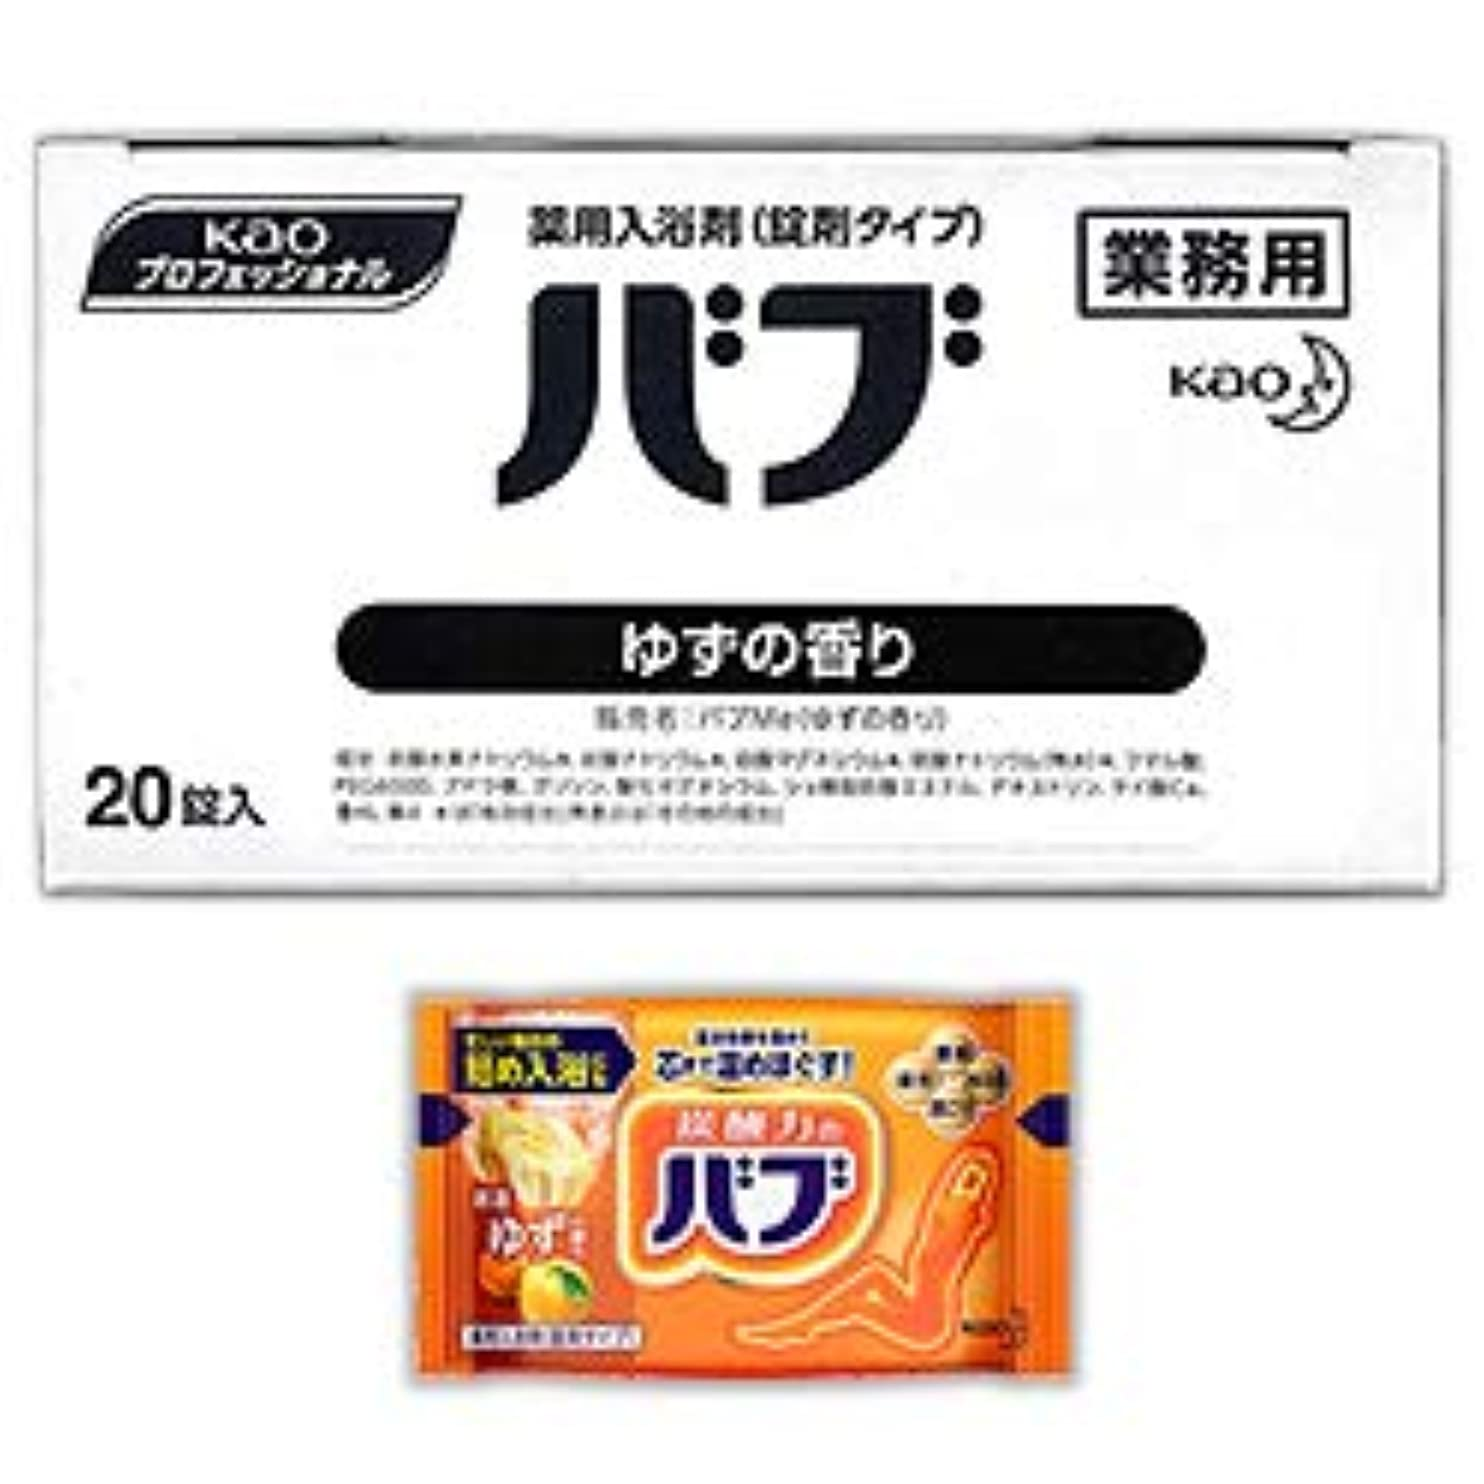 恐怖症仲人ポール【花王】Kaoプロフェッショナル バブ ゆずの香り(業務用) 40g×20錠入 ×2個セット